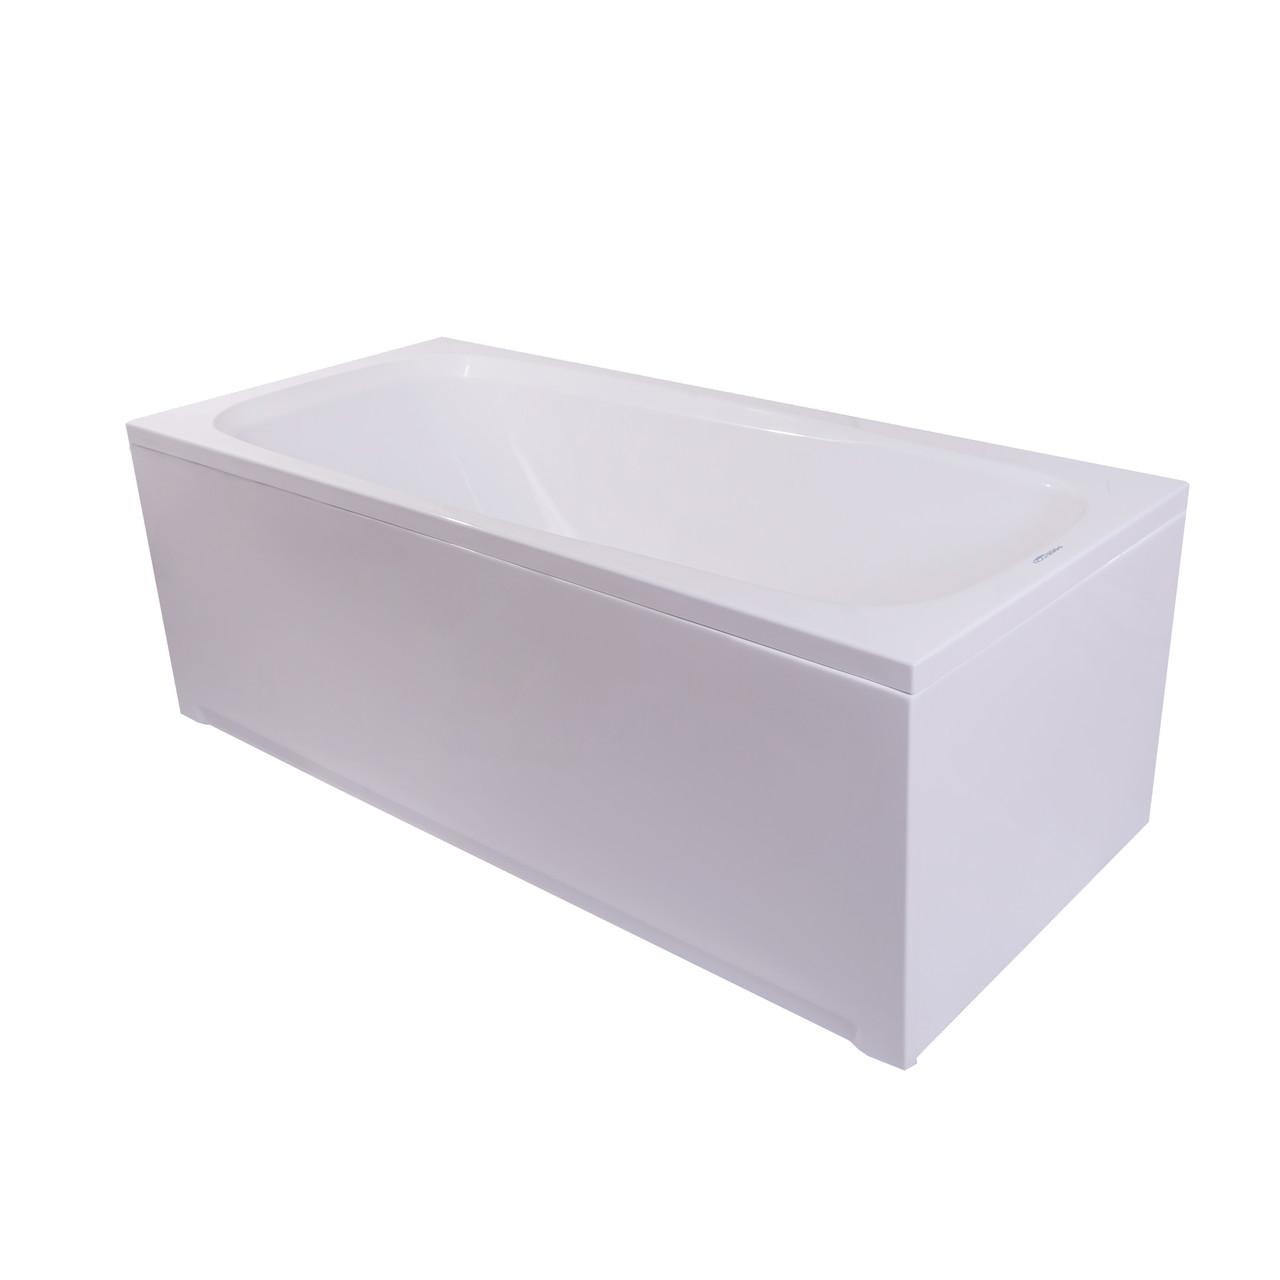 Акриловая ванна Lia 170*75 см